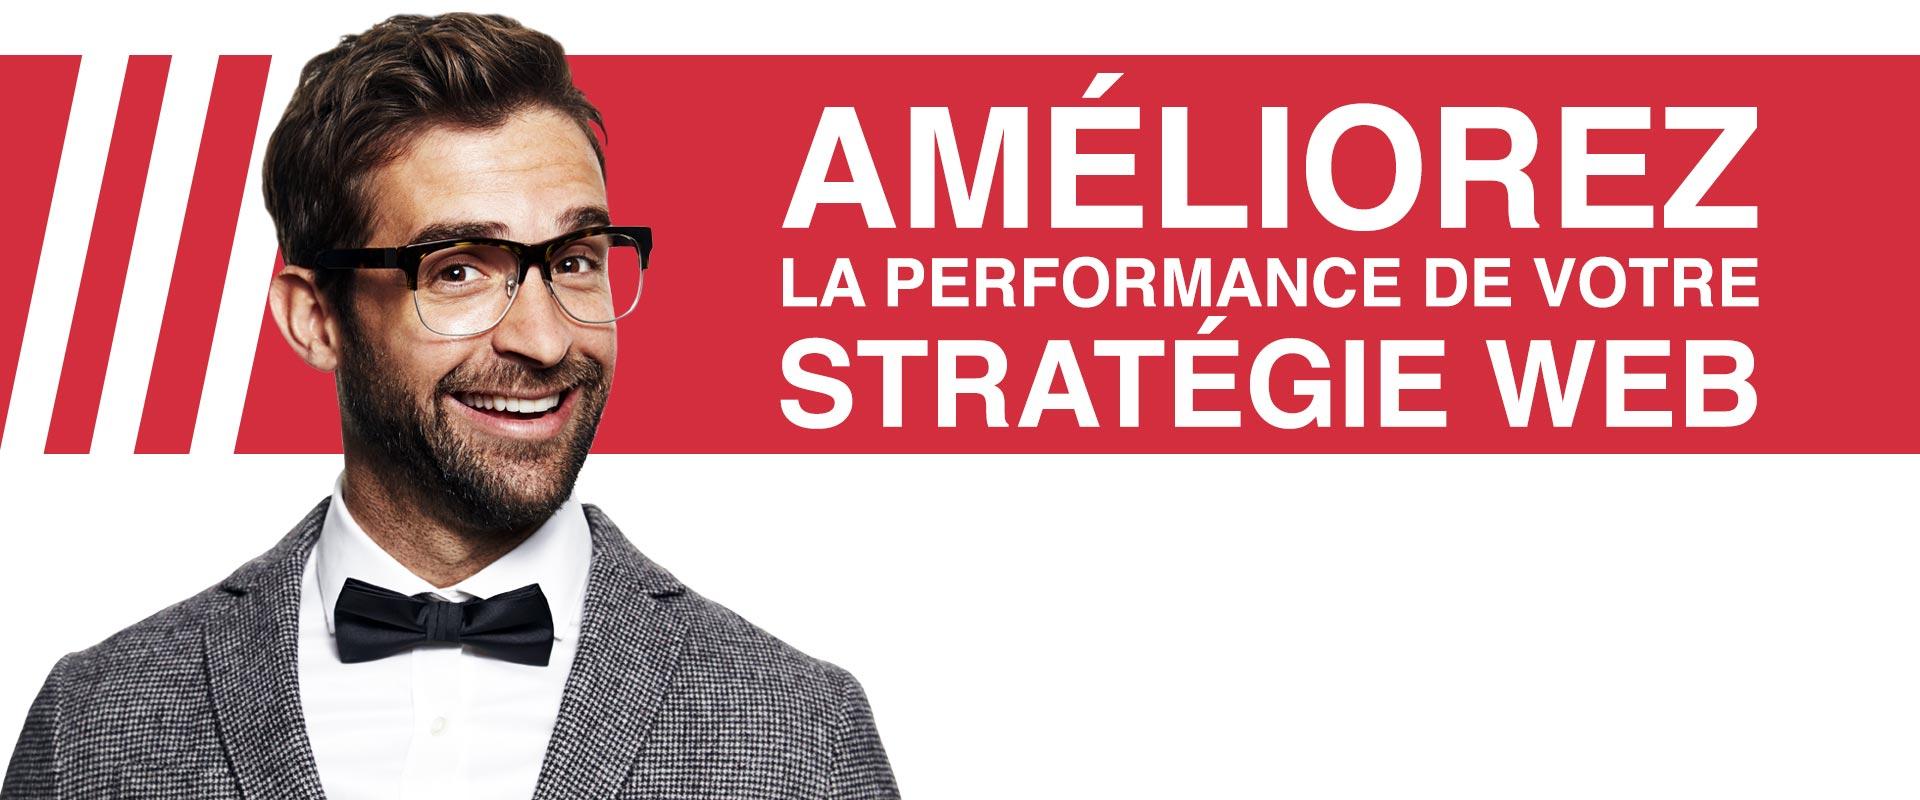 Améliorez la performance de votre stratégie web